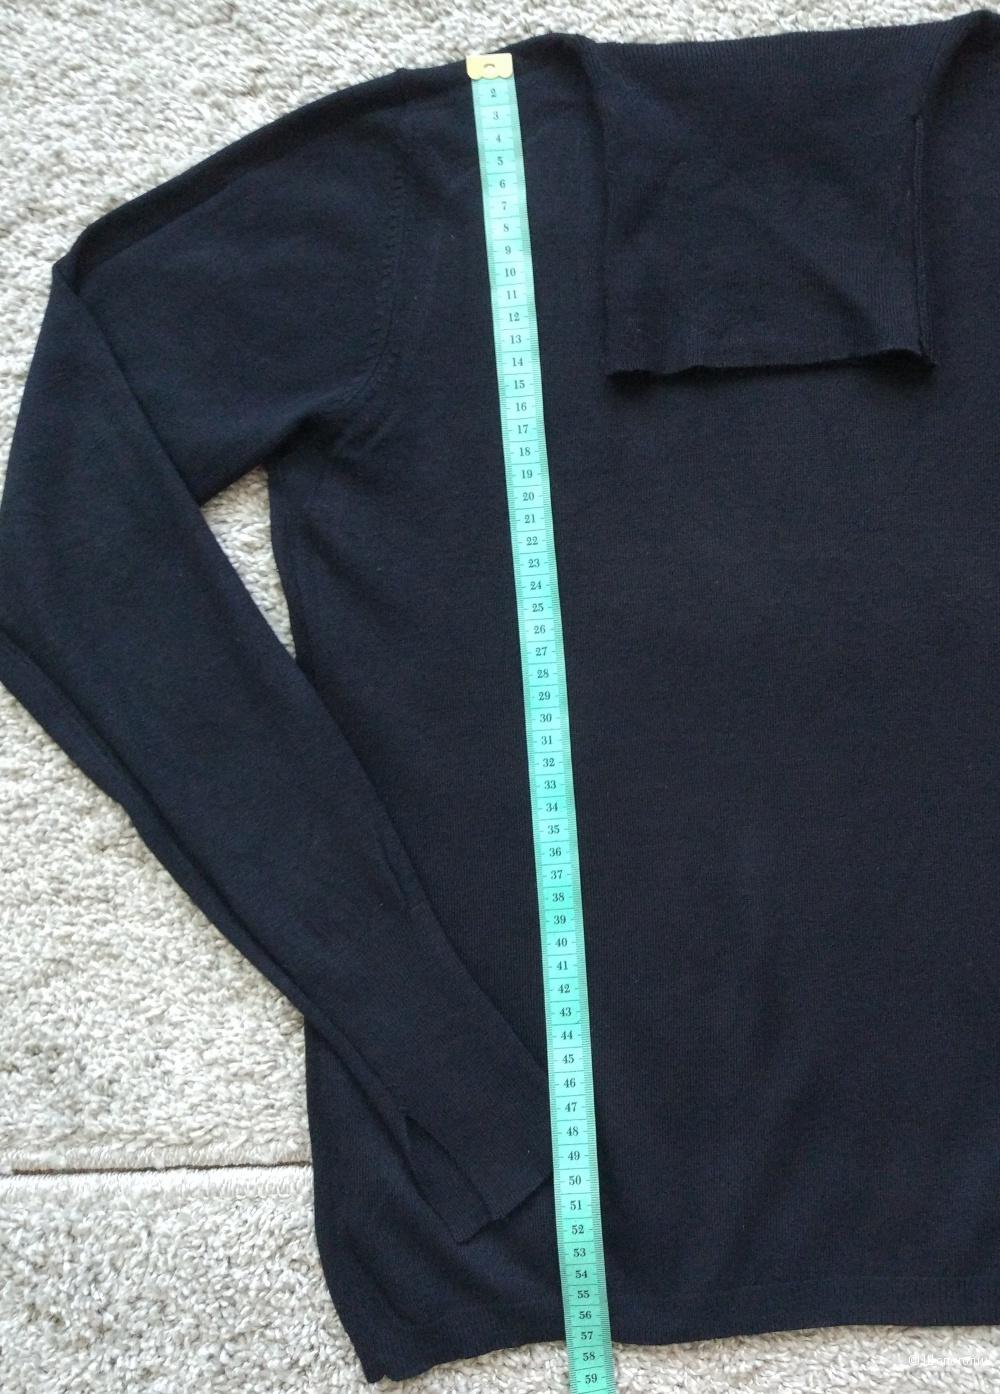 Комплект свитеров с высоким горлом, Oodgji, S